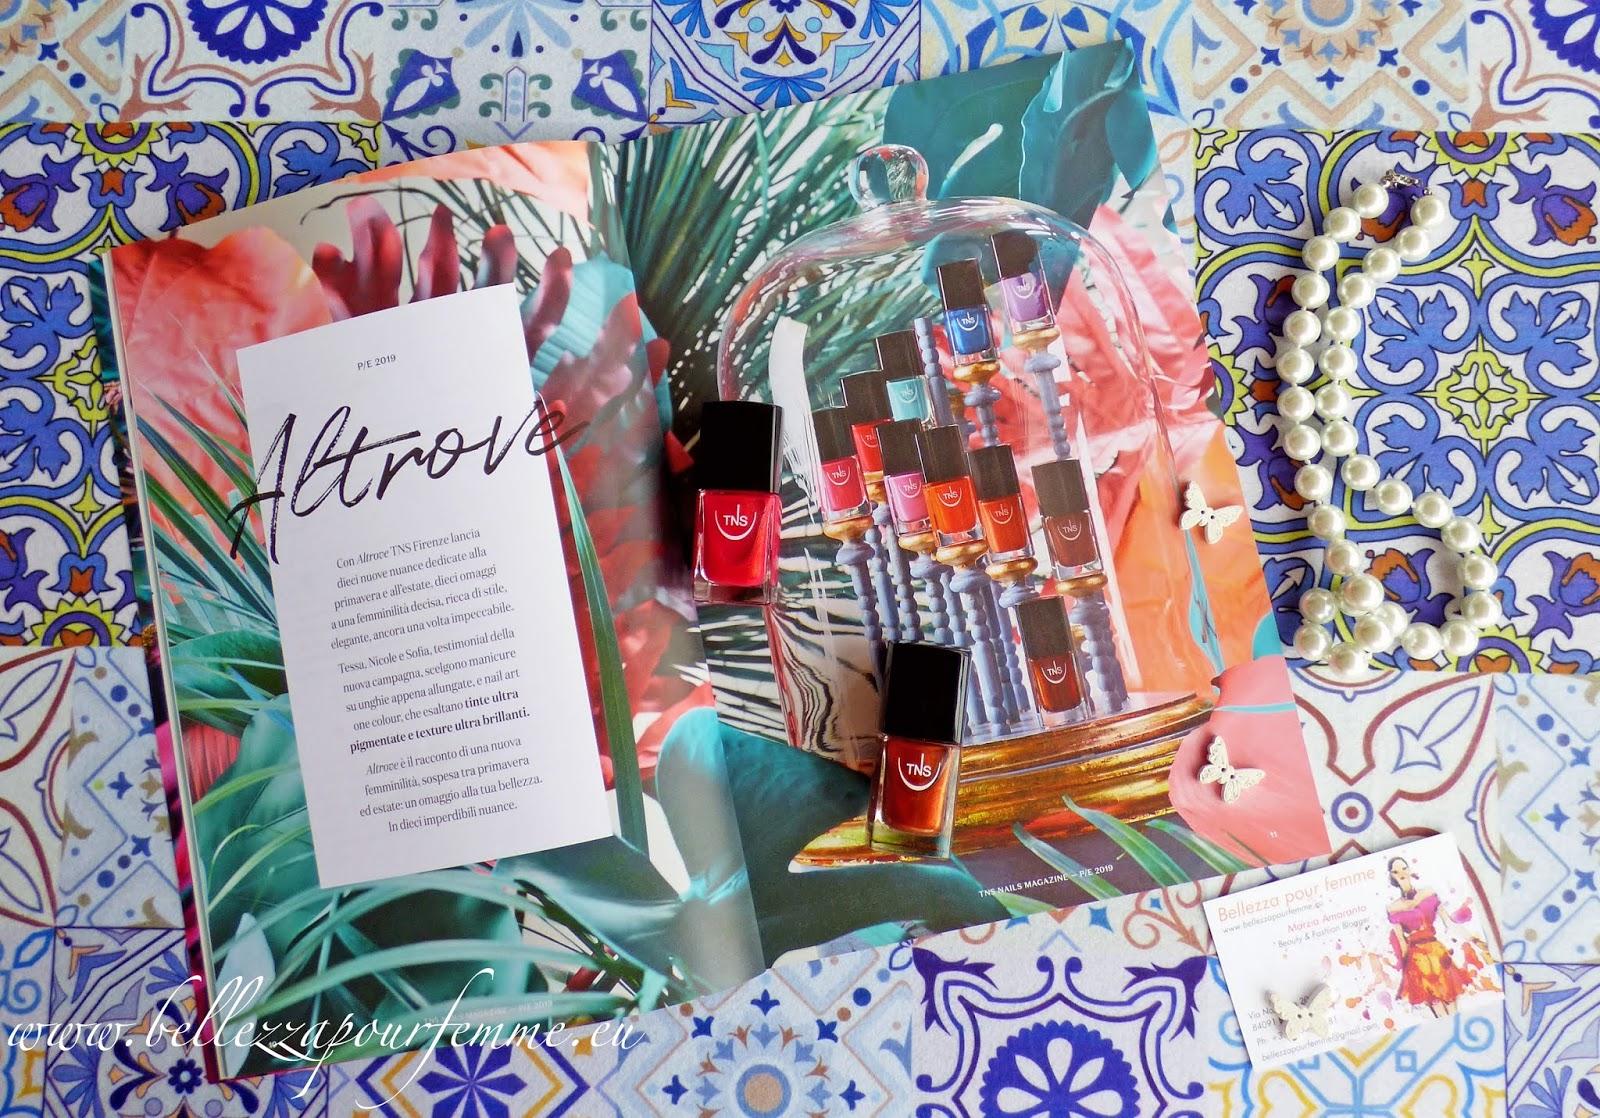 ALTROVE - TNS Firenze la nuova collezione che anticipa l'estate!